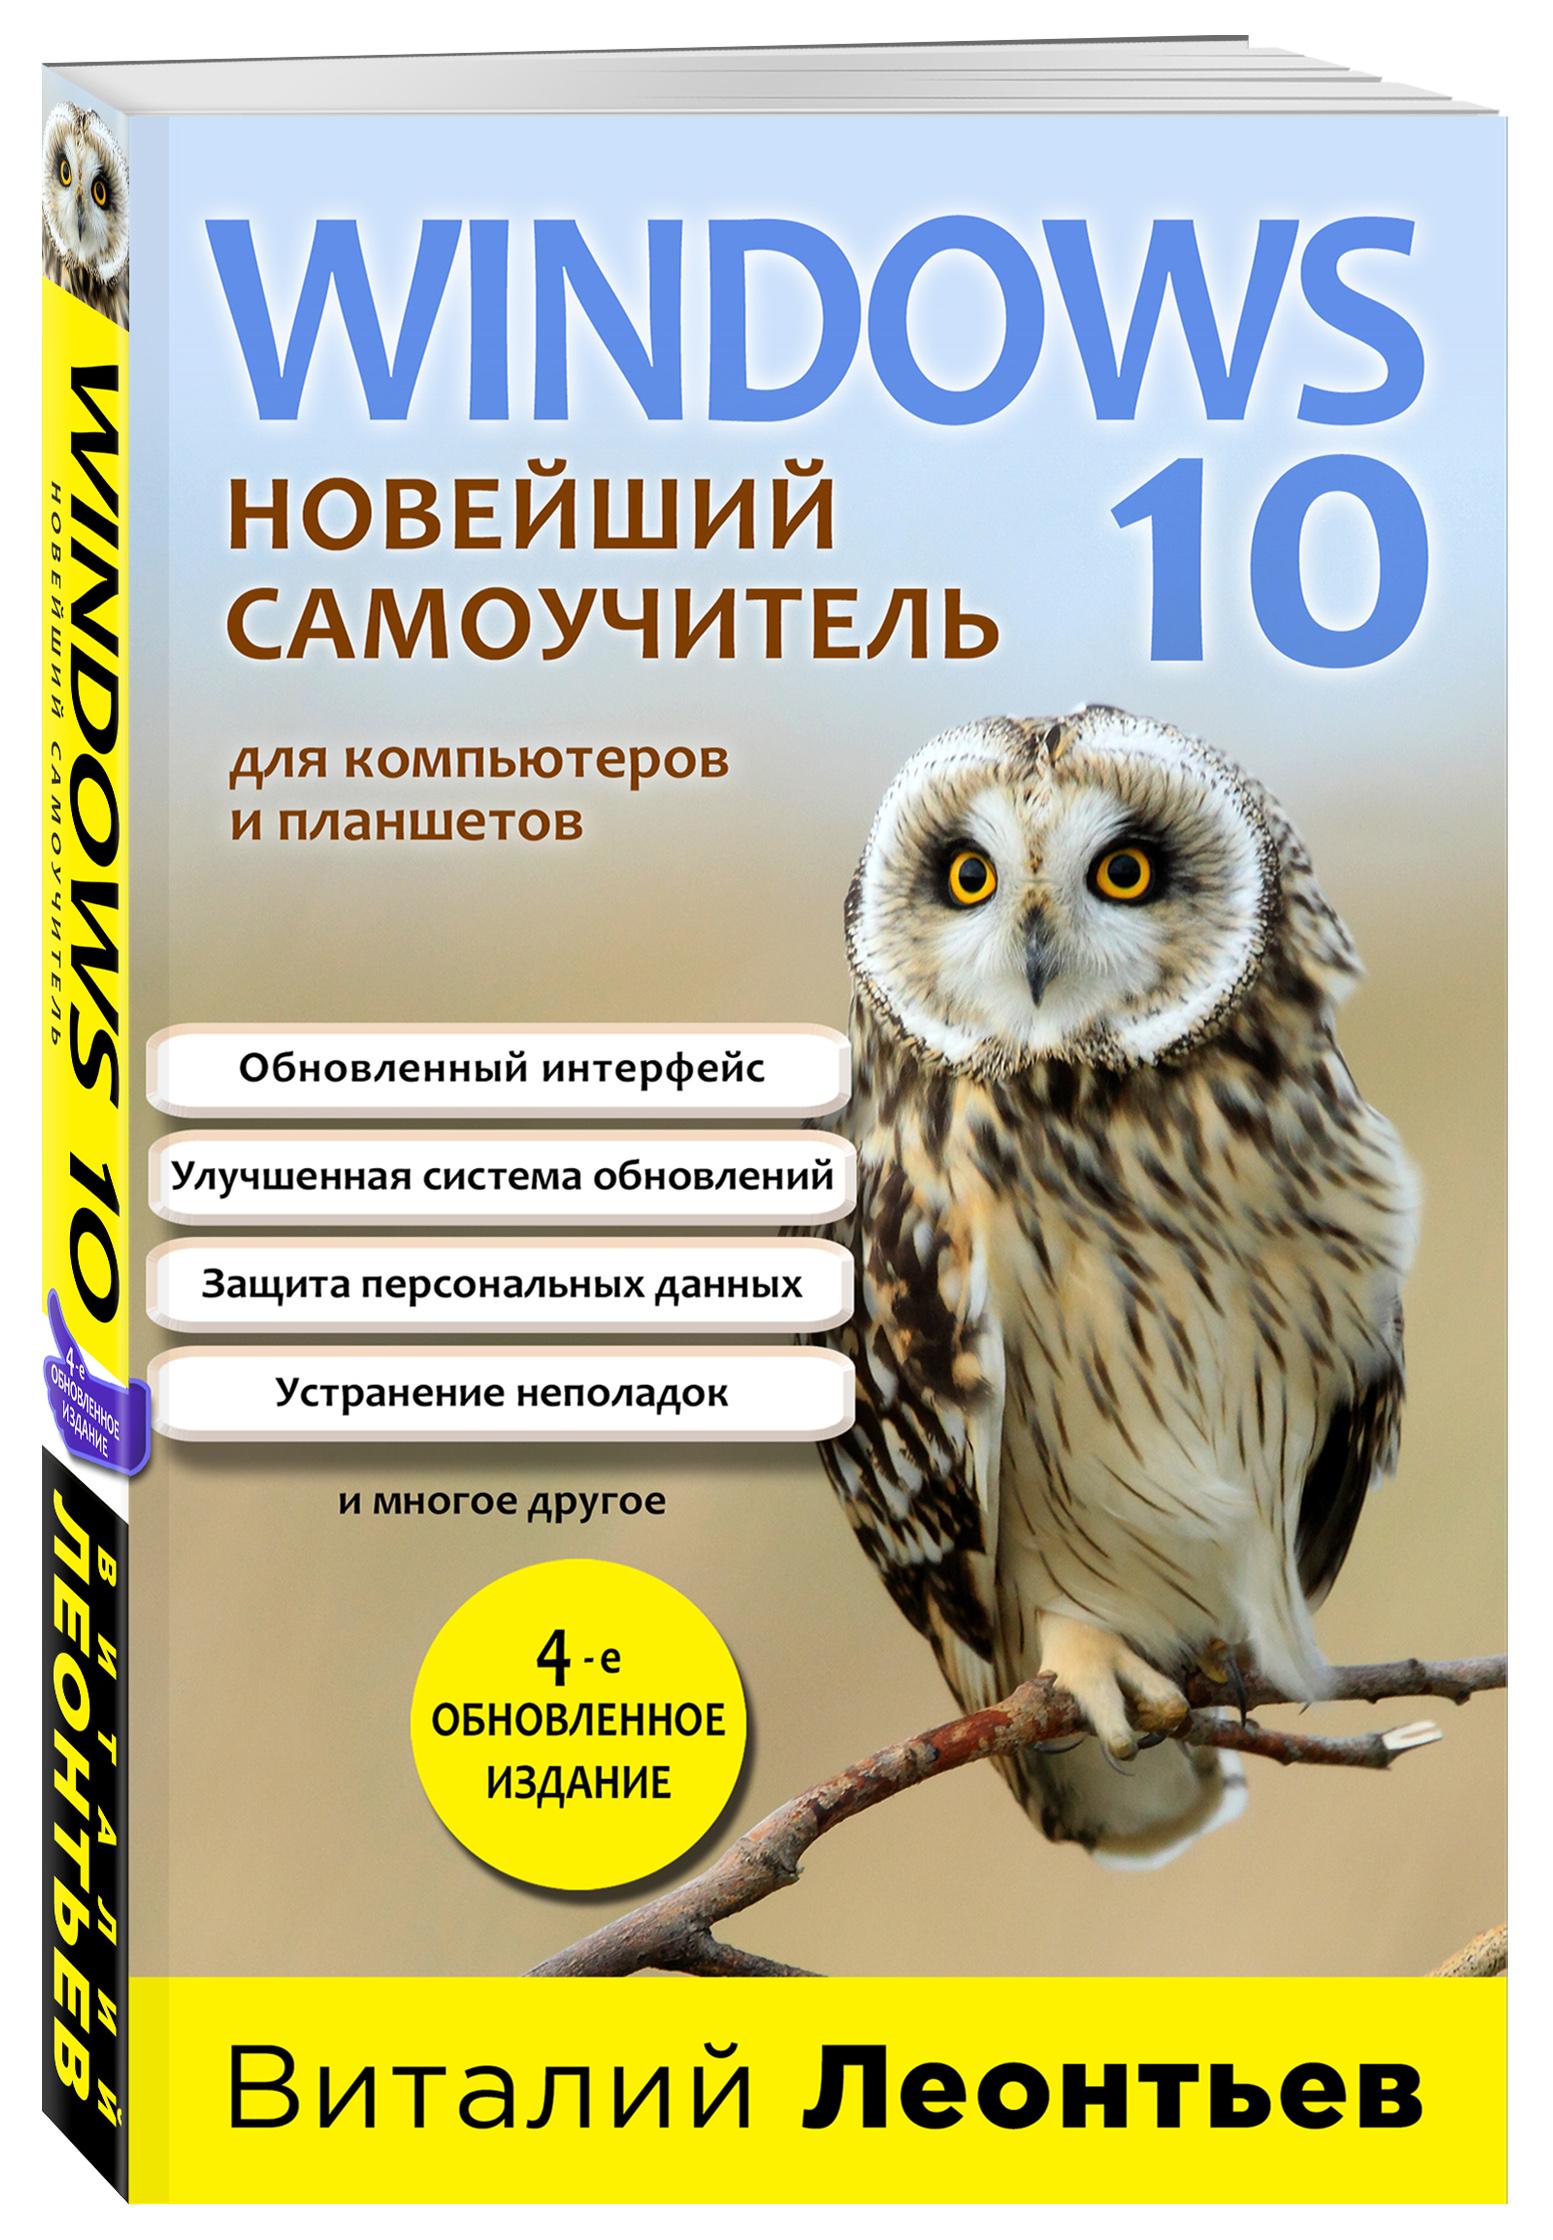 Виталий Леонтьев Windows 10. Новейший самоучитель. 4-е издание левин а самоучитель работы на ноутбуке windows 8 3 е издание